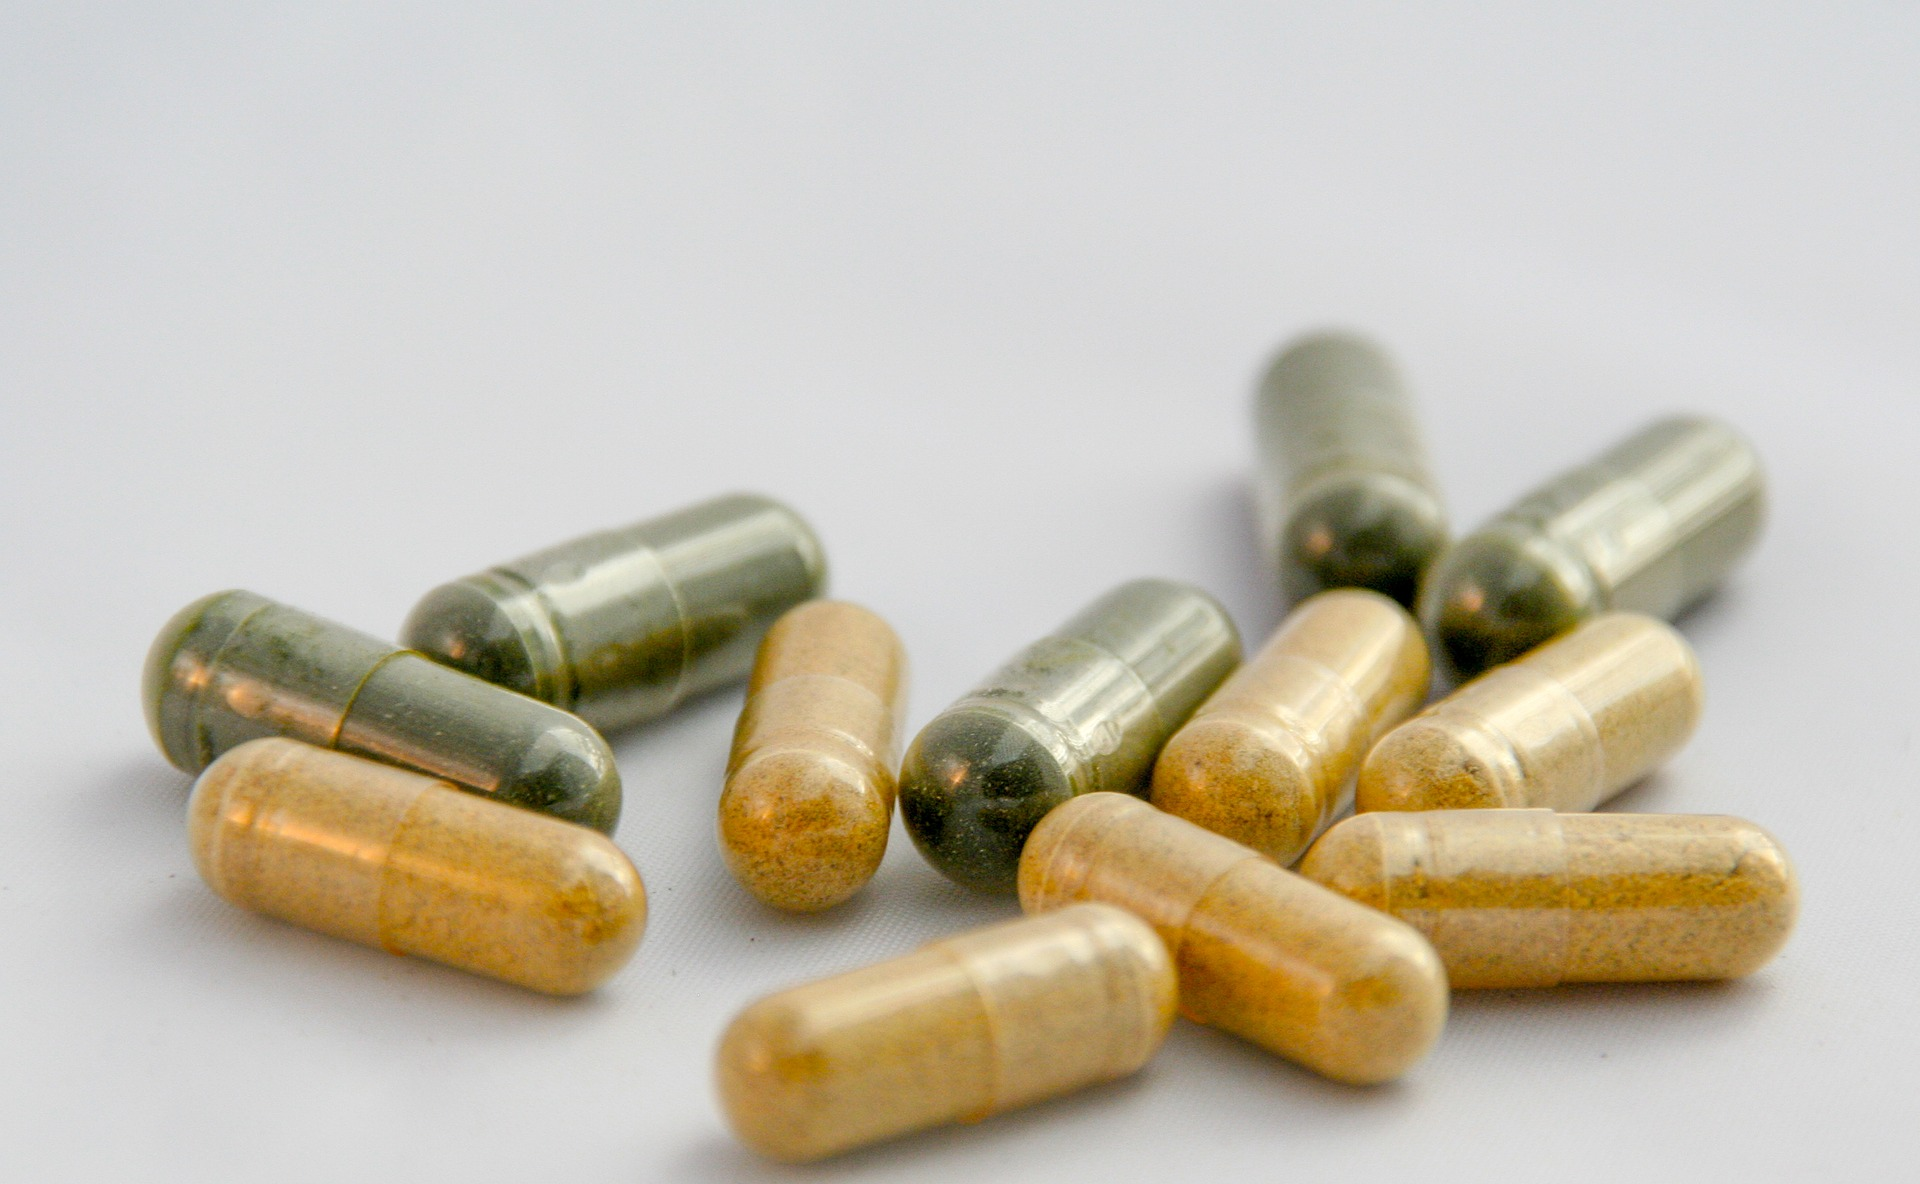 препараты для снижения уровня холестерина статины